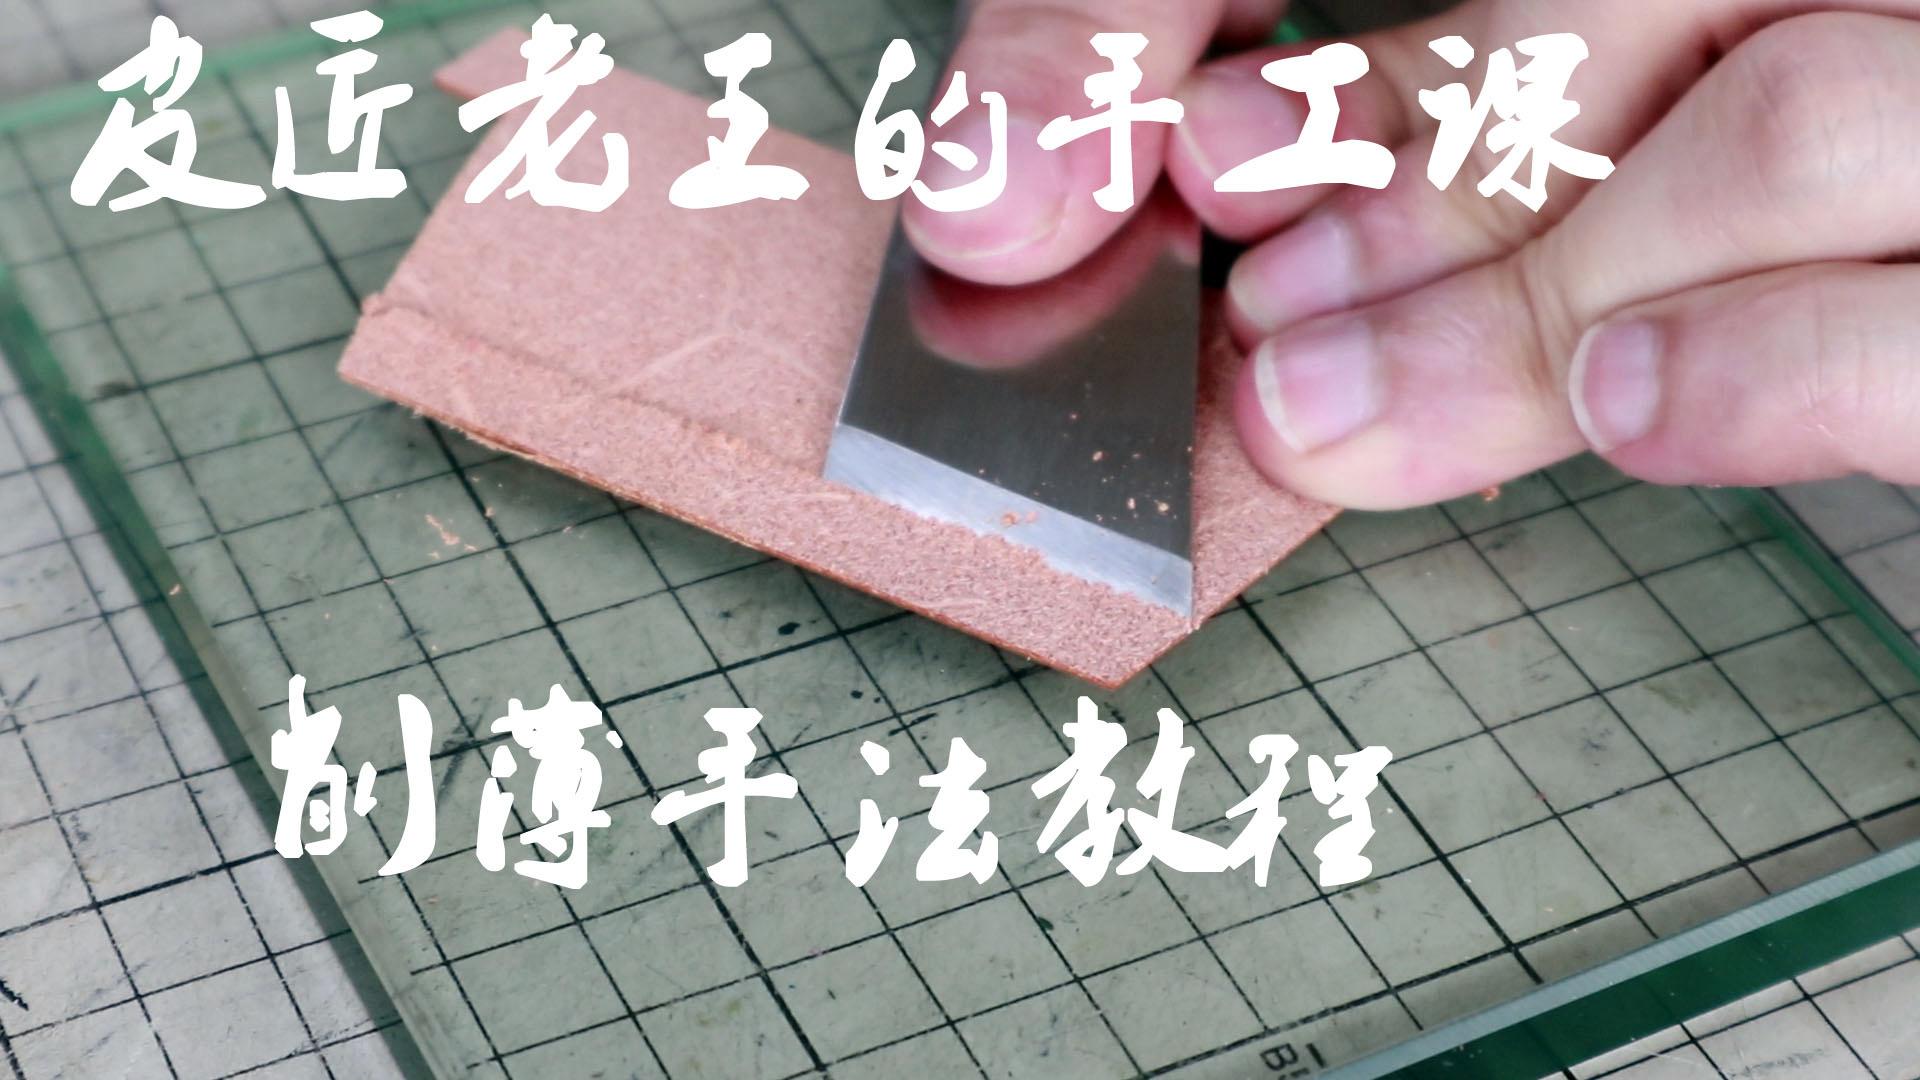 【皮匠老王的手工课】手工皮具皮革削薄手法教程